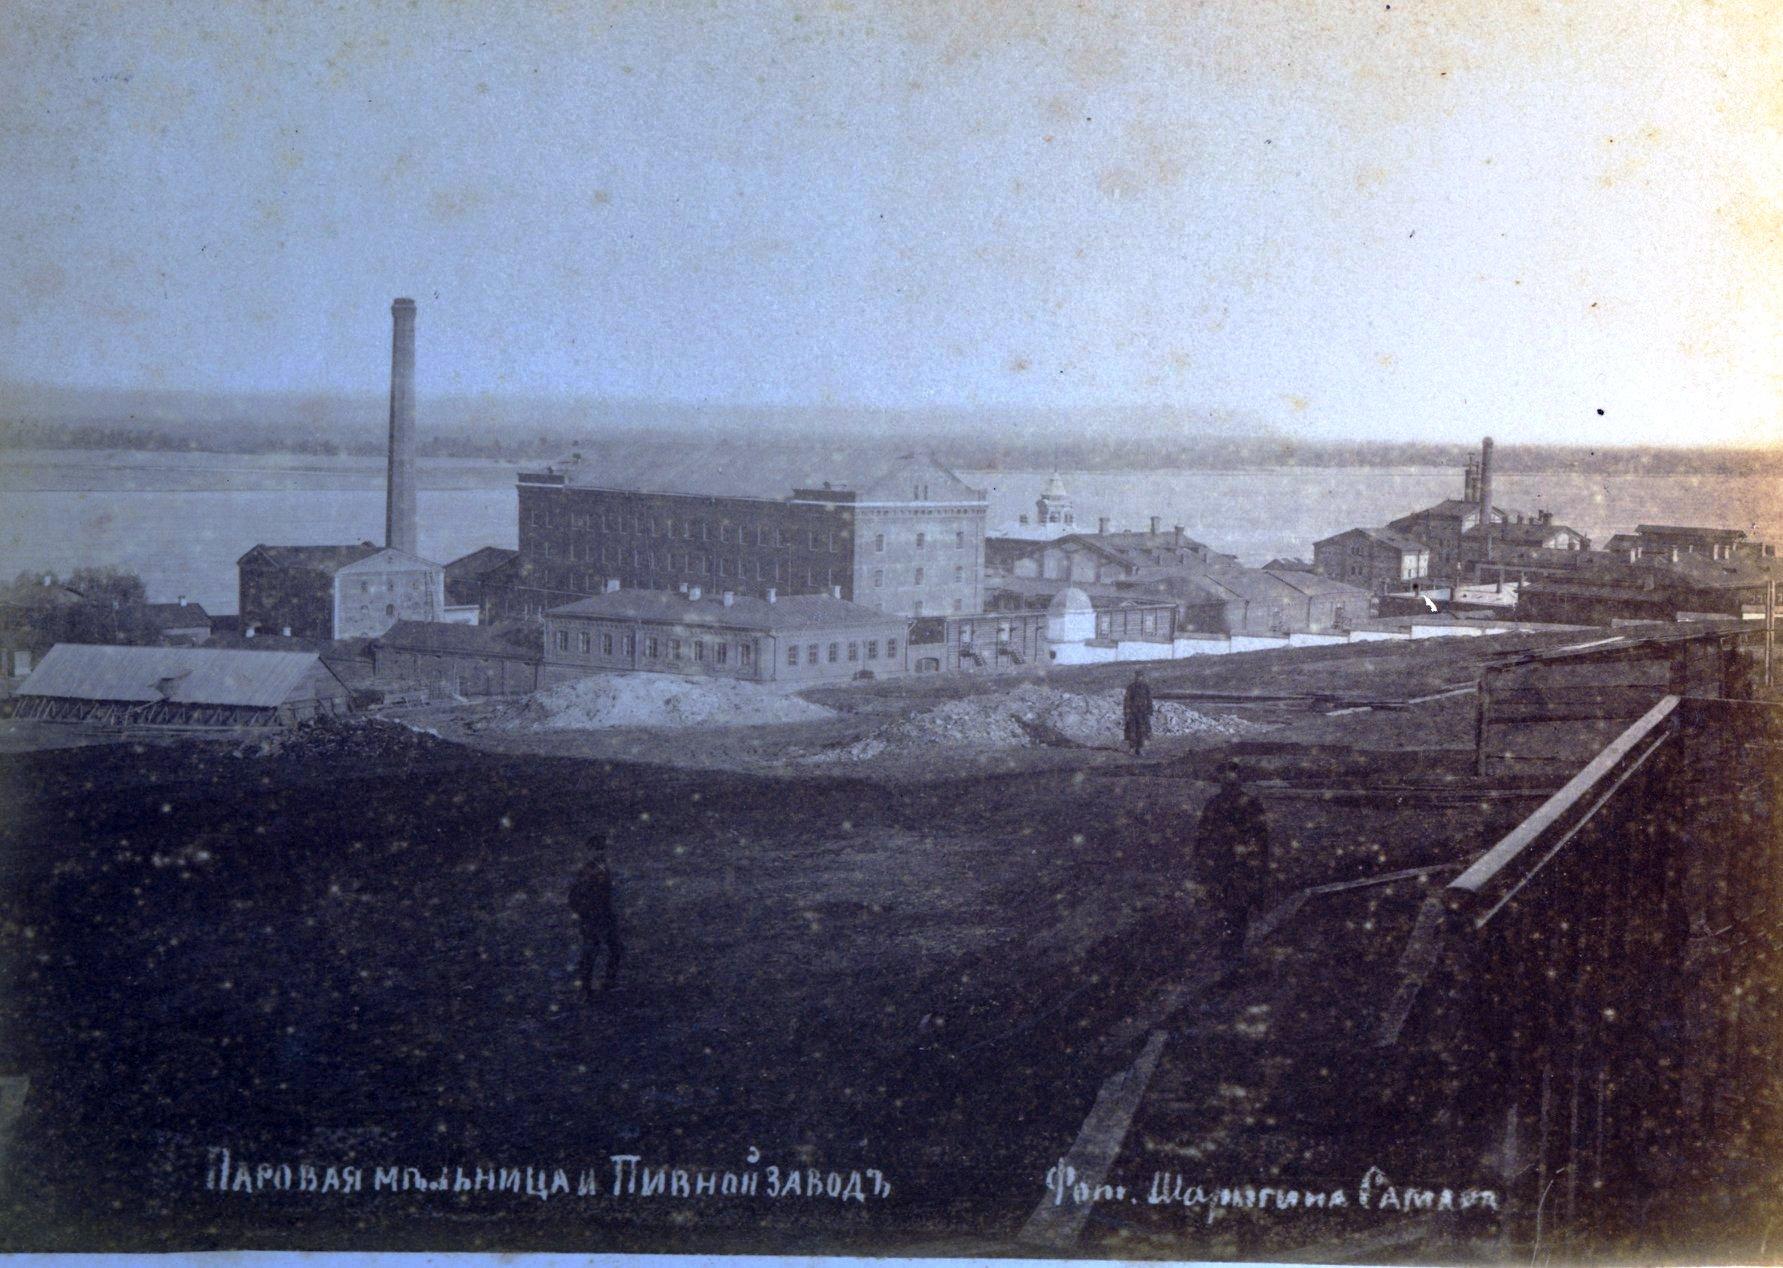 Паровая мельница и пивной завод